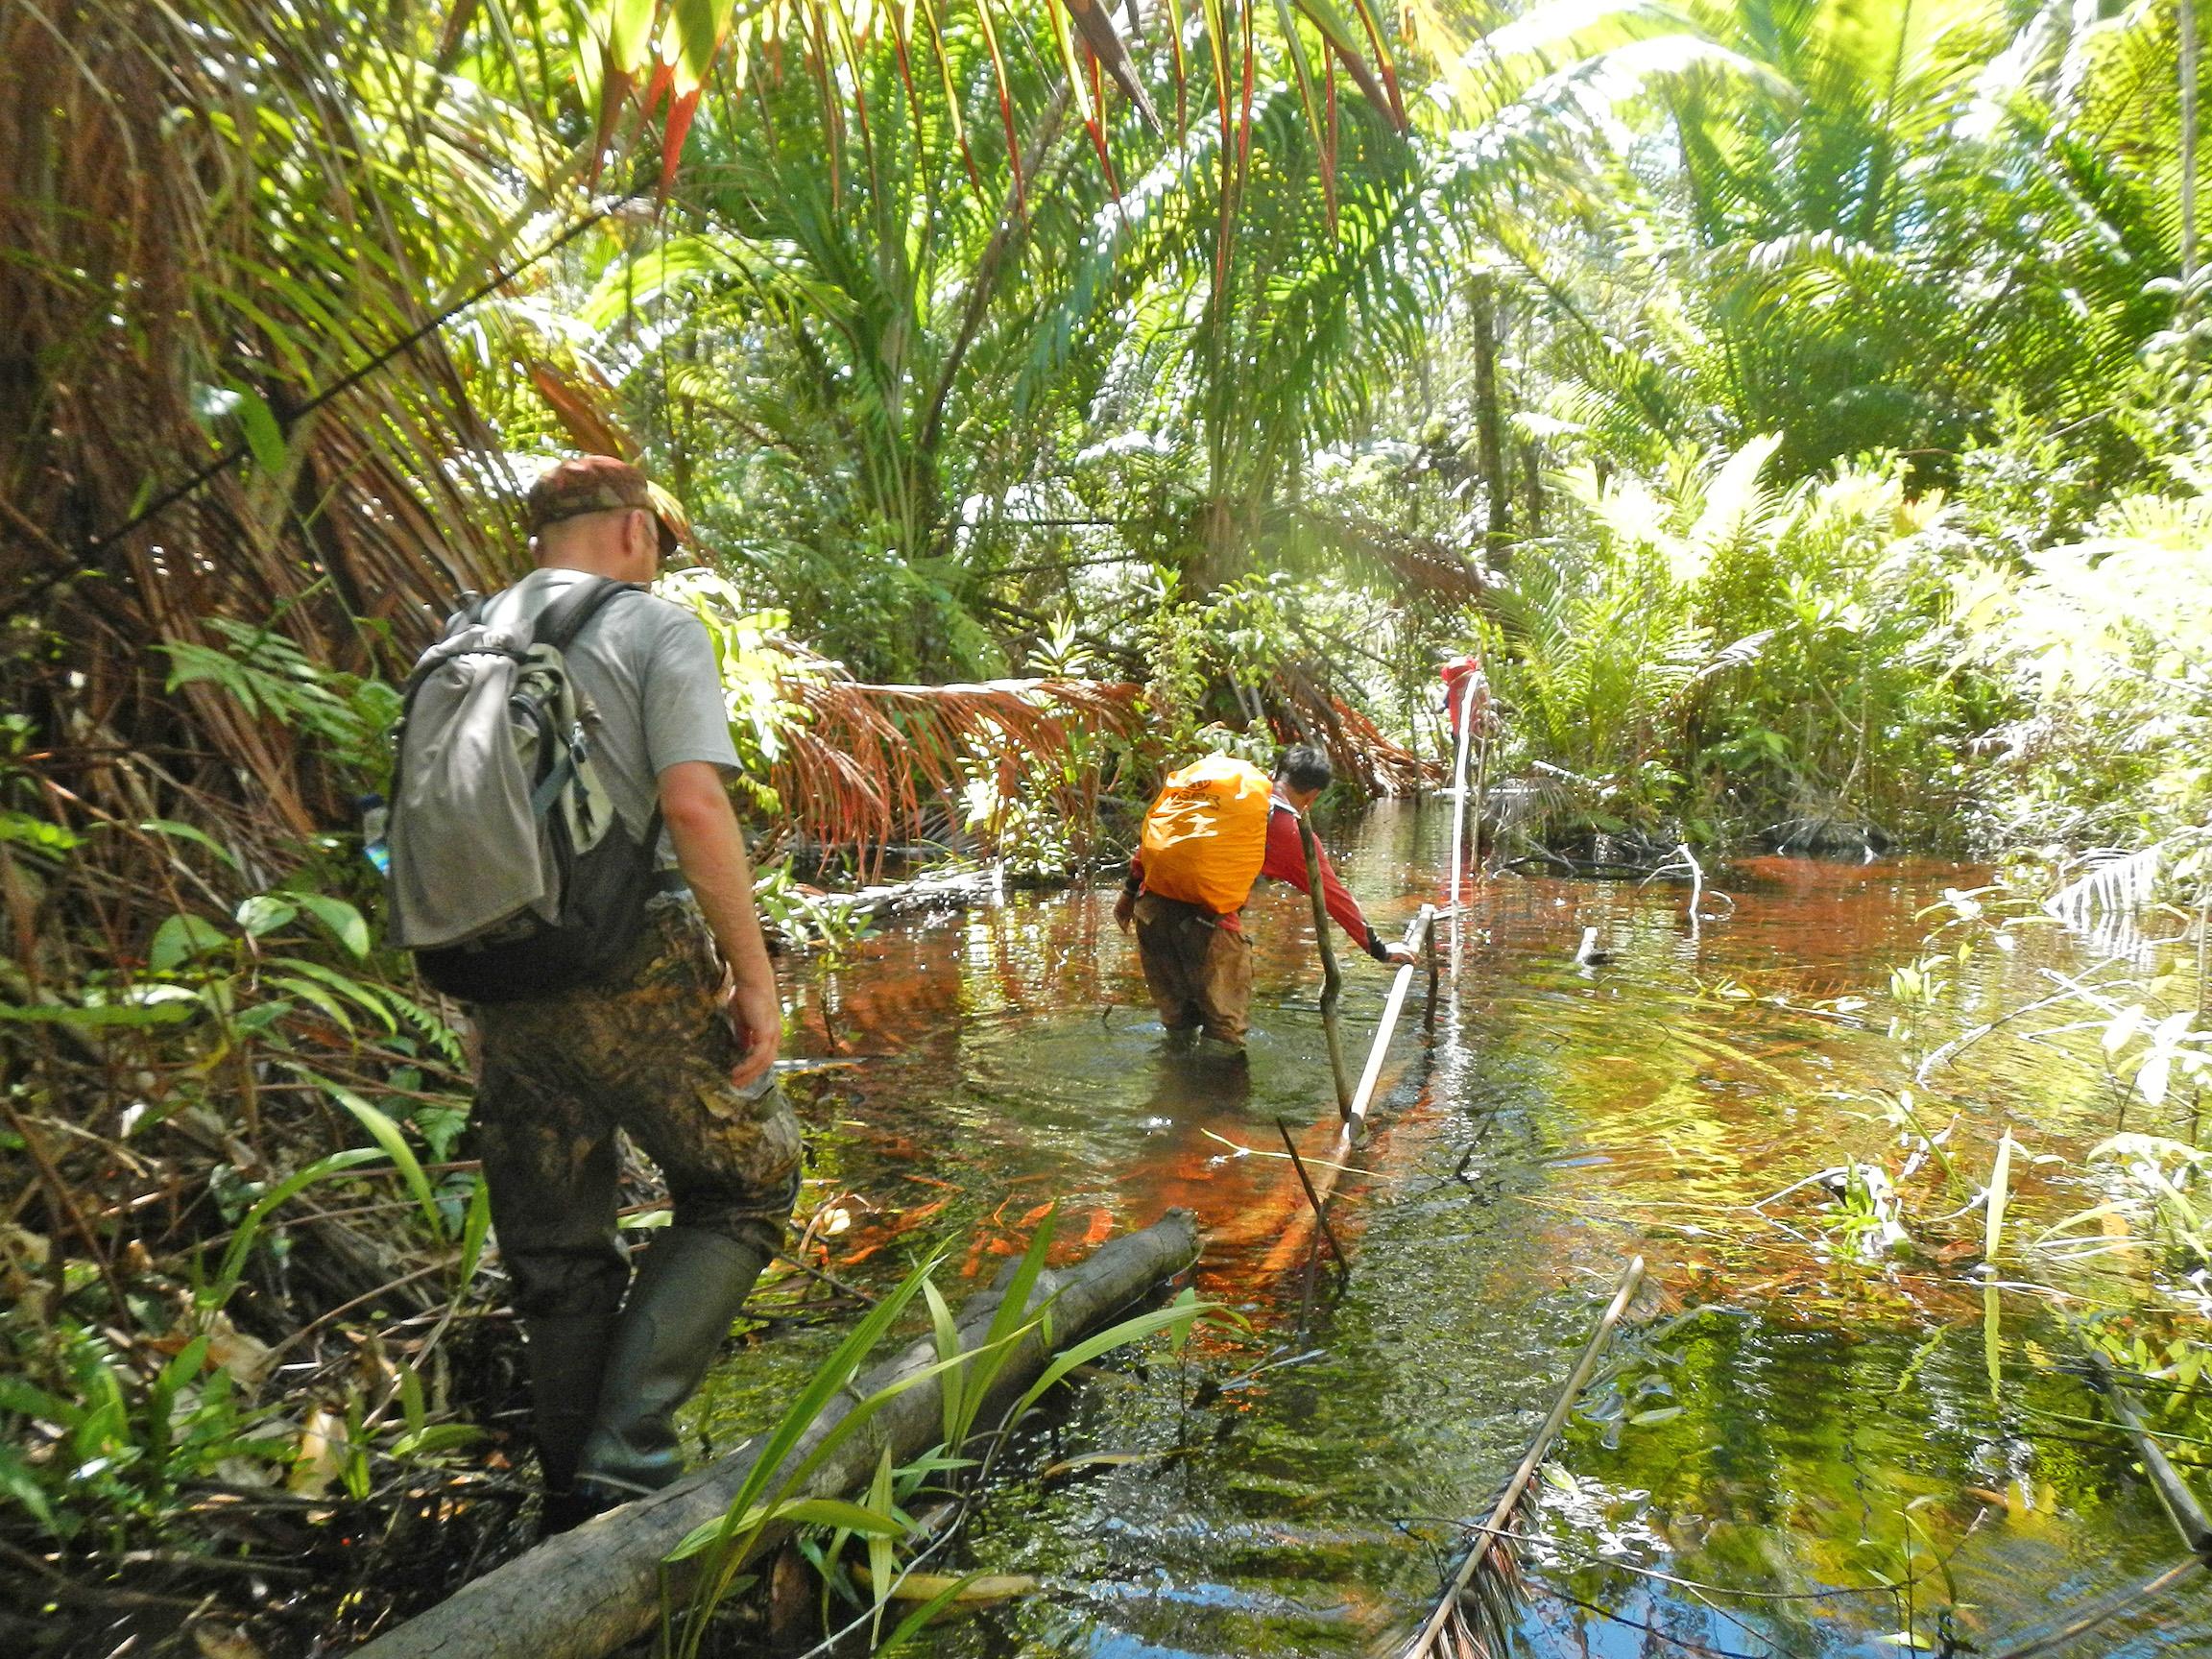 Каннибалы Папуа, в джунгли с палаткой